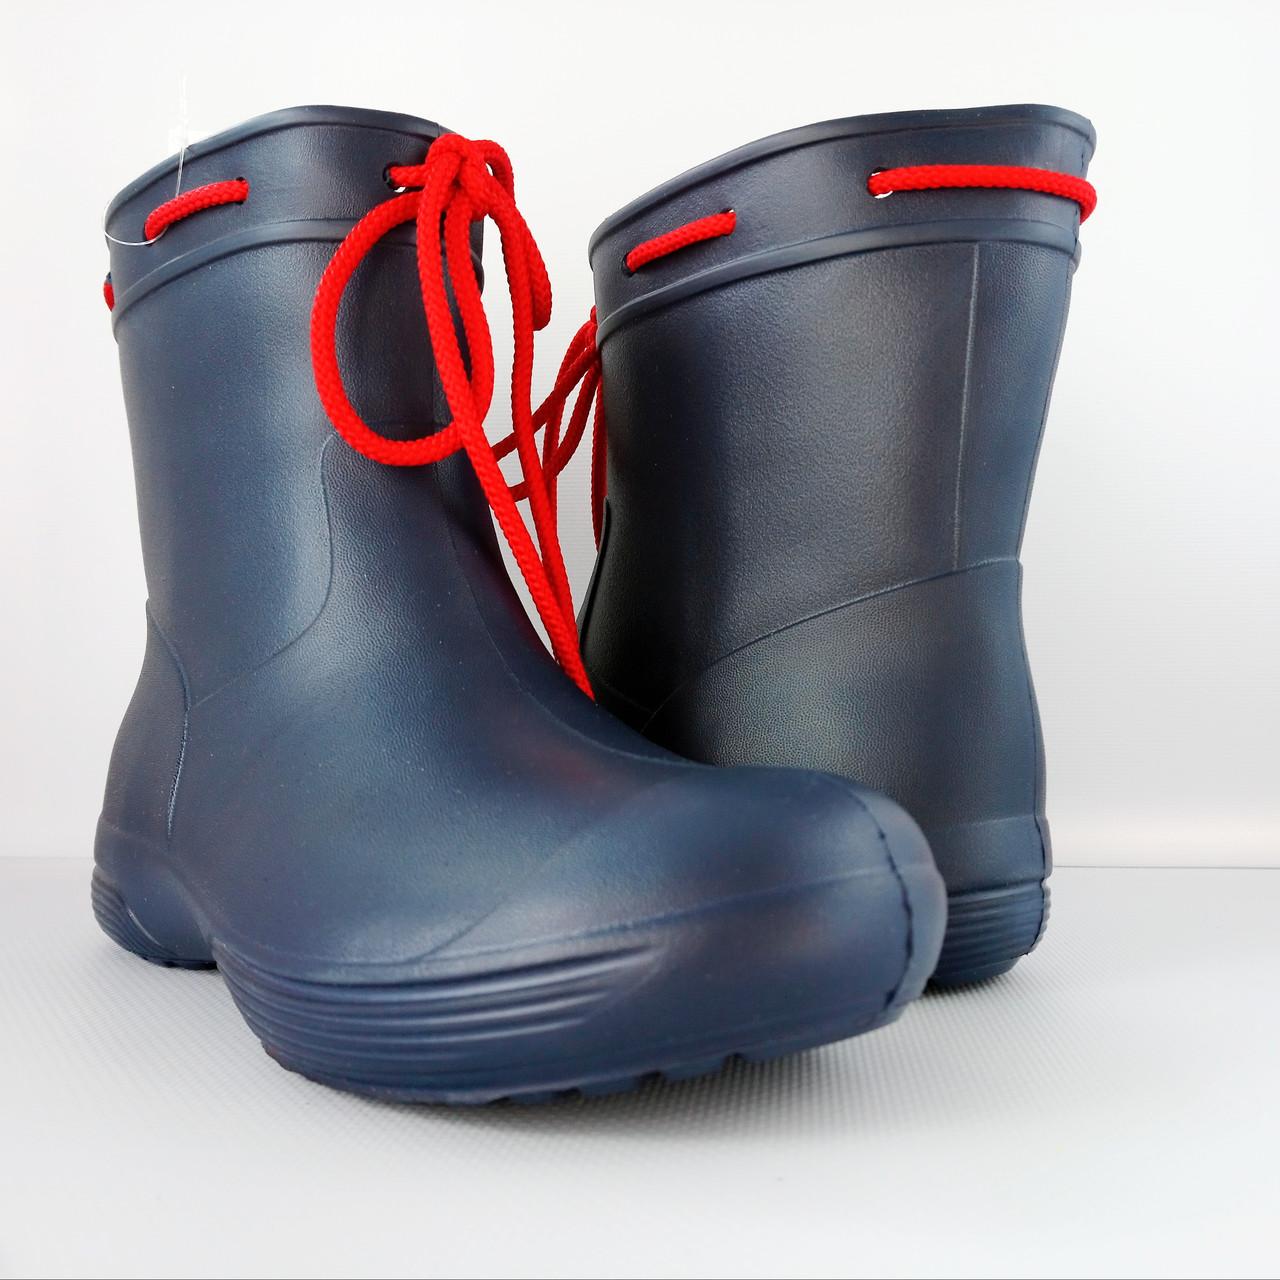 Синие сапоги на слякоть и дождь р. 36,37,38, 39, 40, 41 Резиновые сапоги. Аналог Crocs, сделано в Украине.